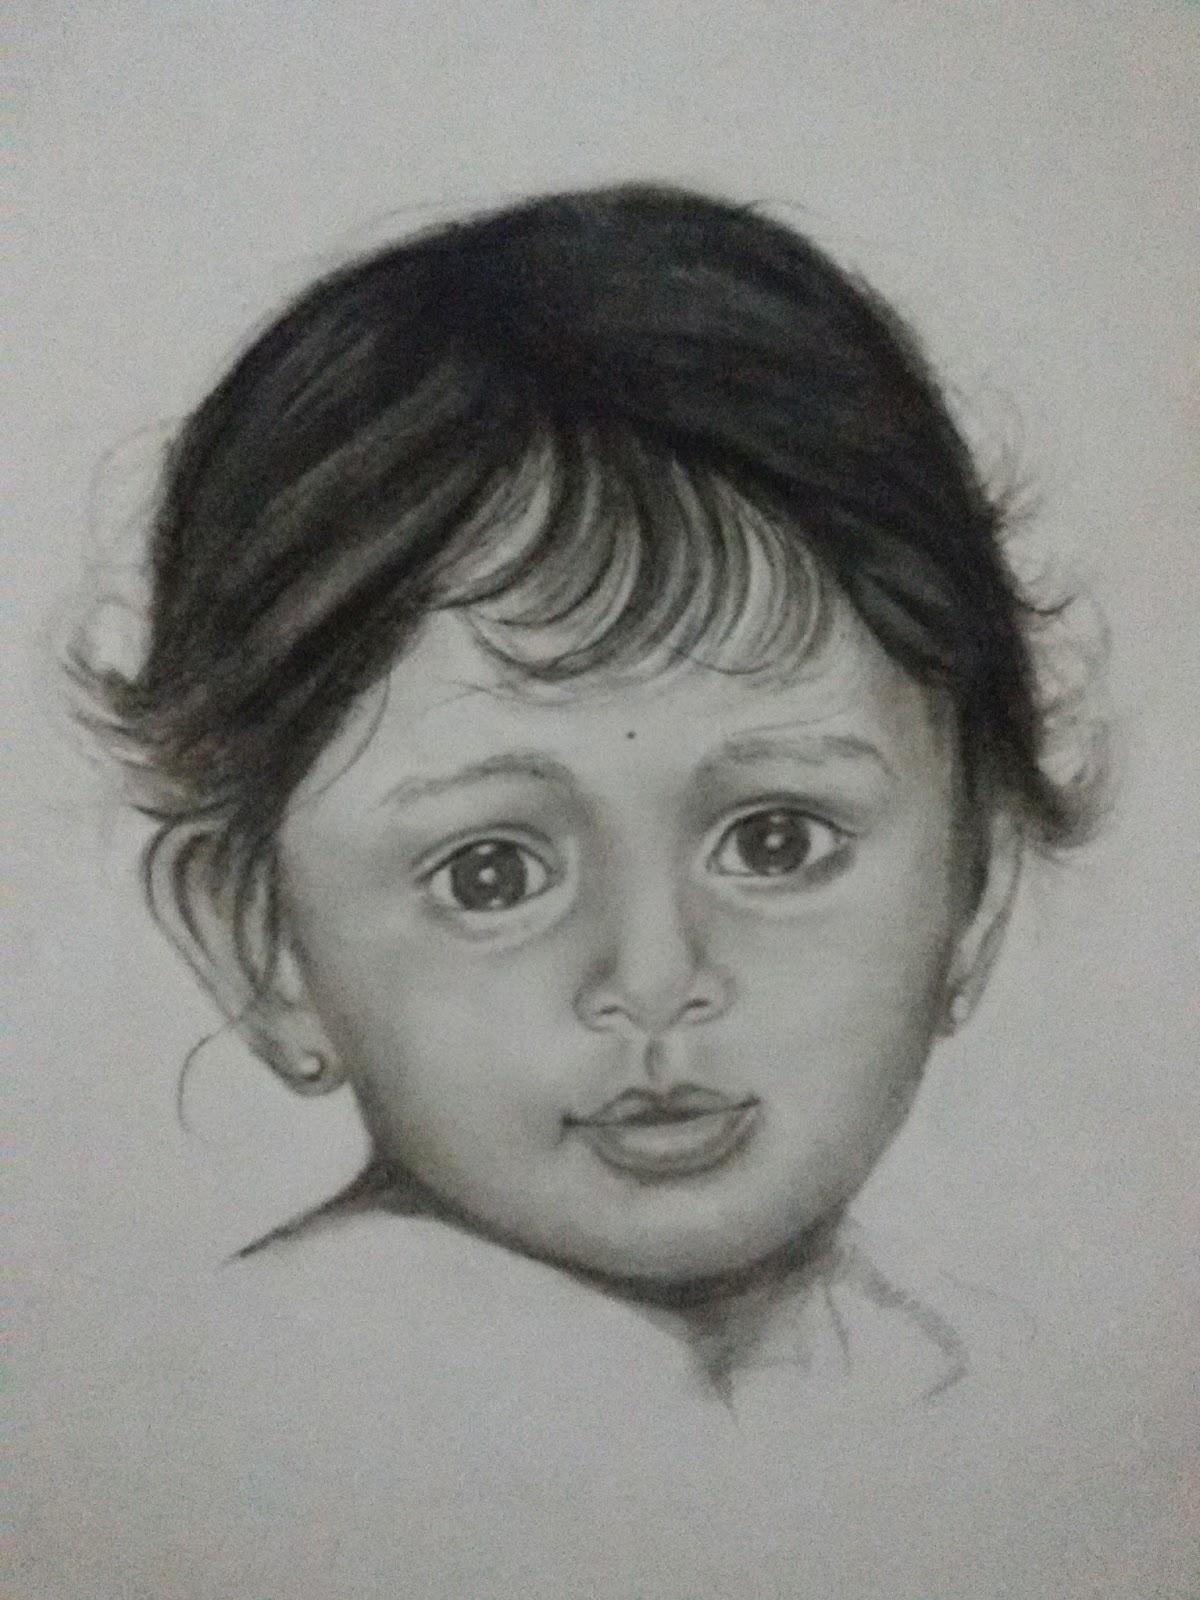 Baby girl pencil sketch